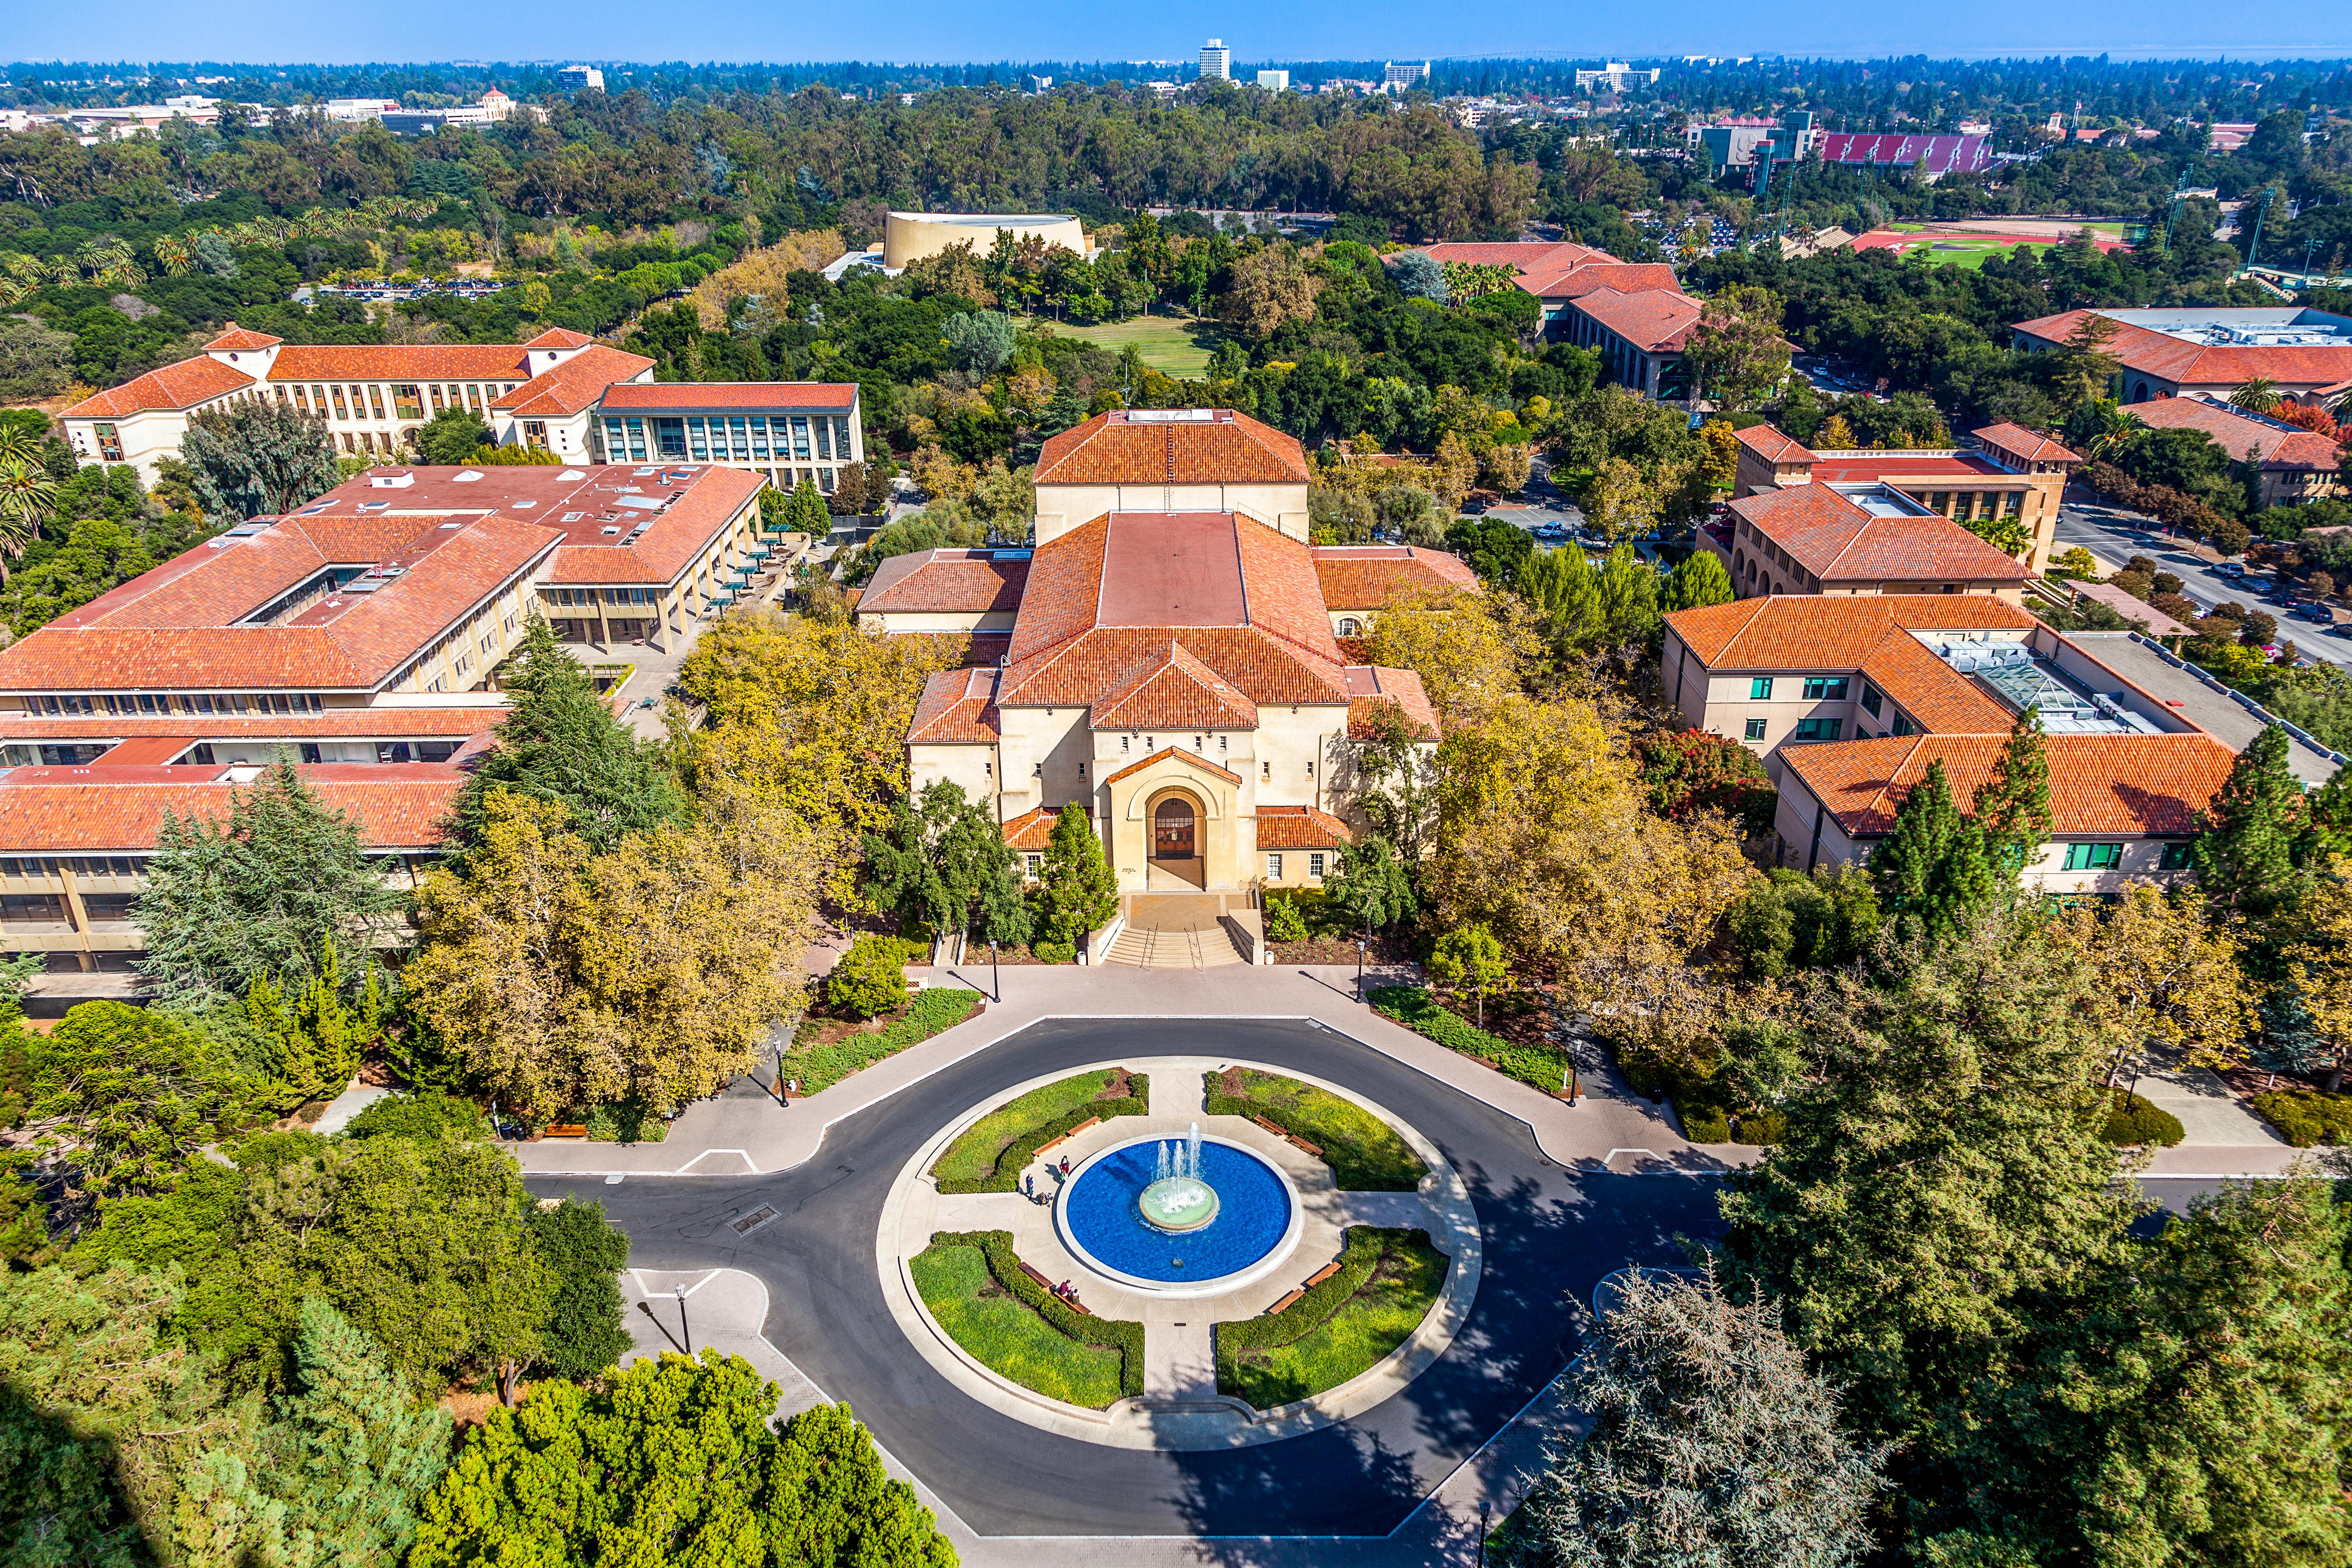 جامعة ستانفورد الأميركية بمنطقة وادي السيليكون- كاليفورنيا